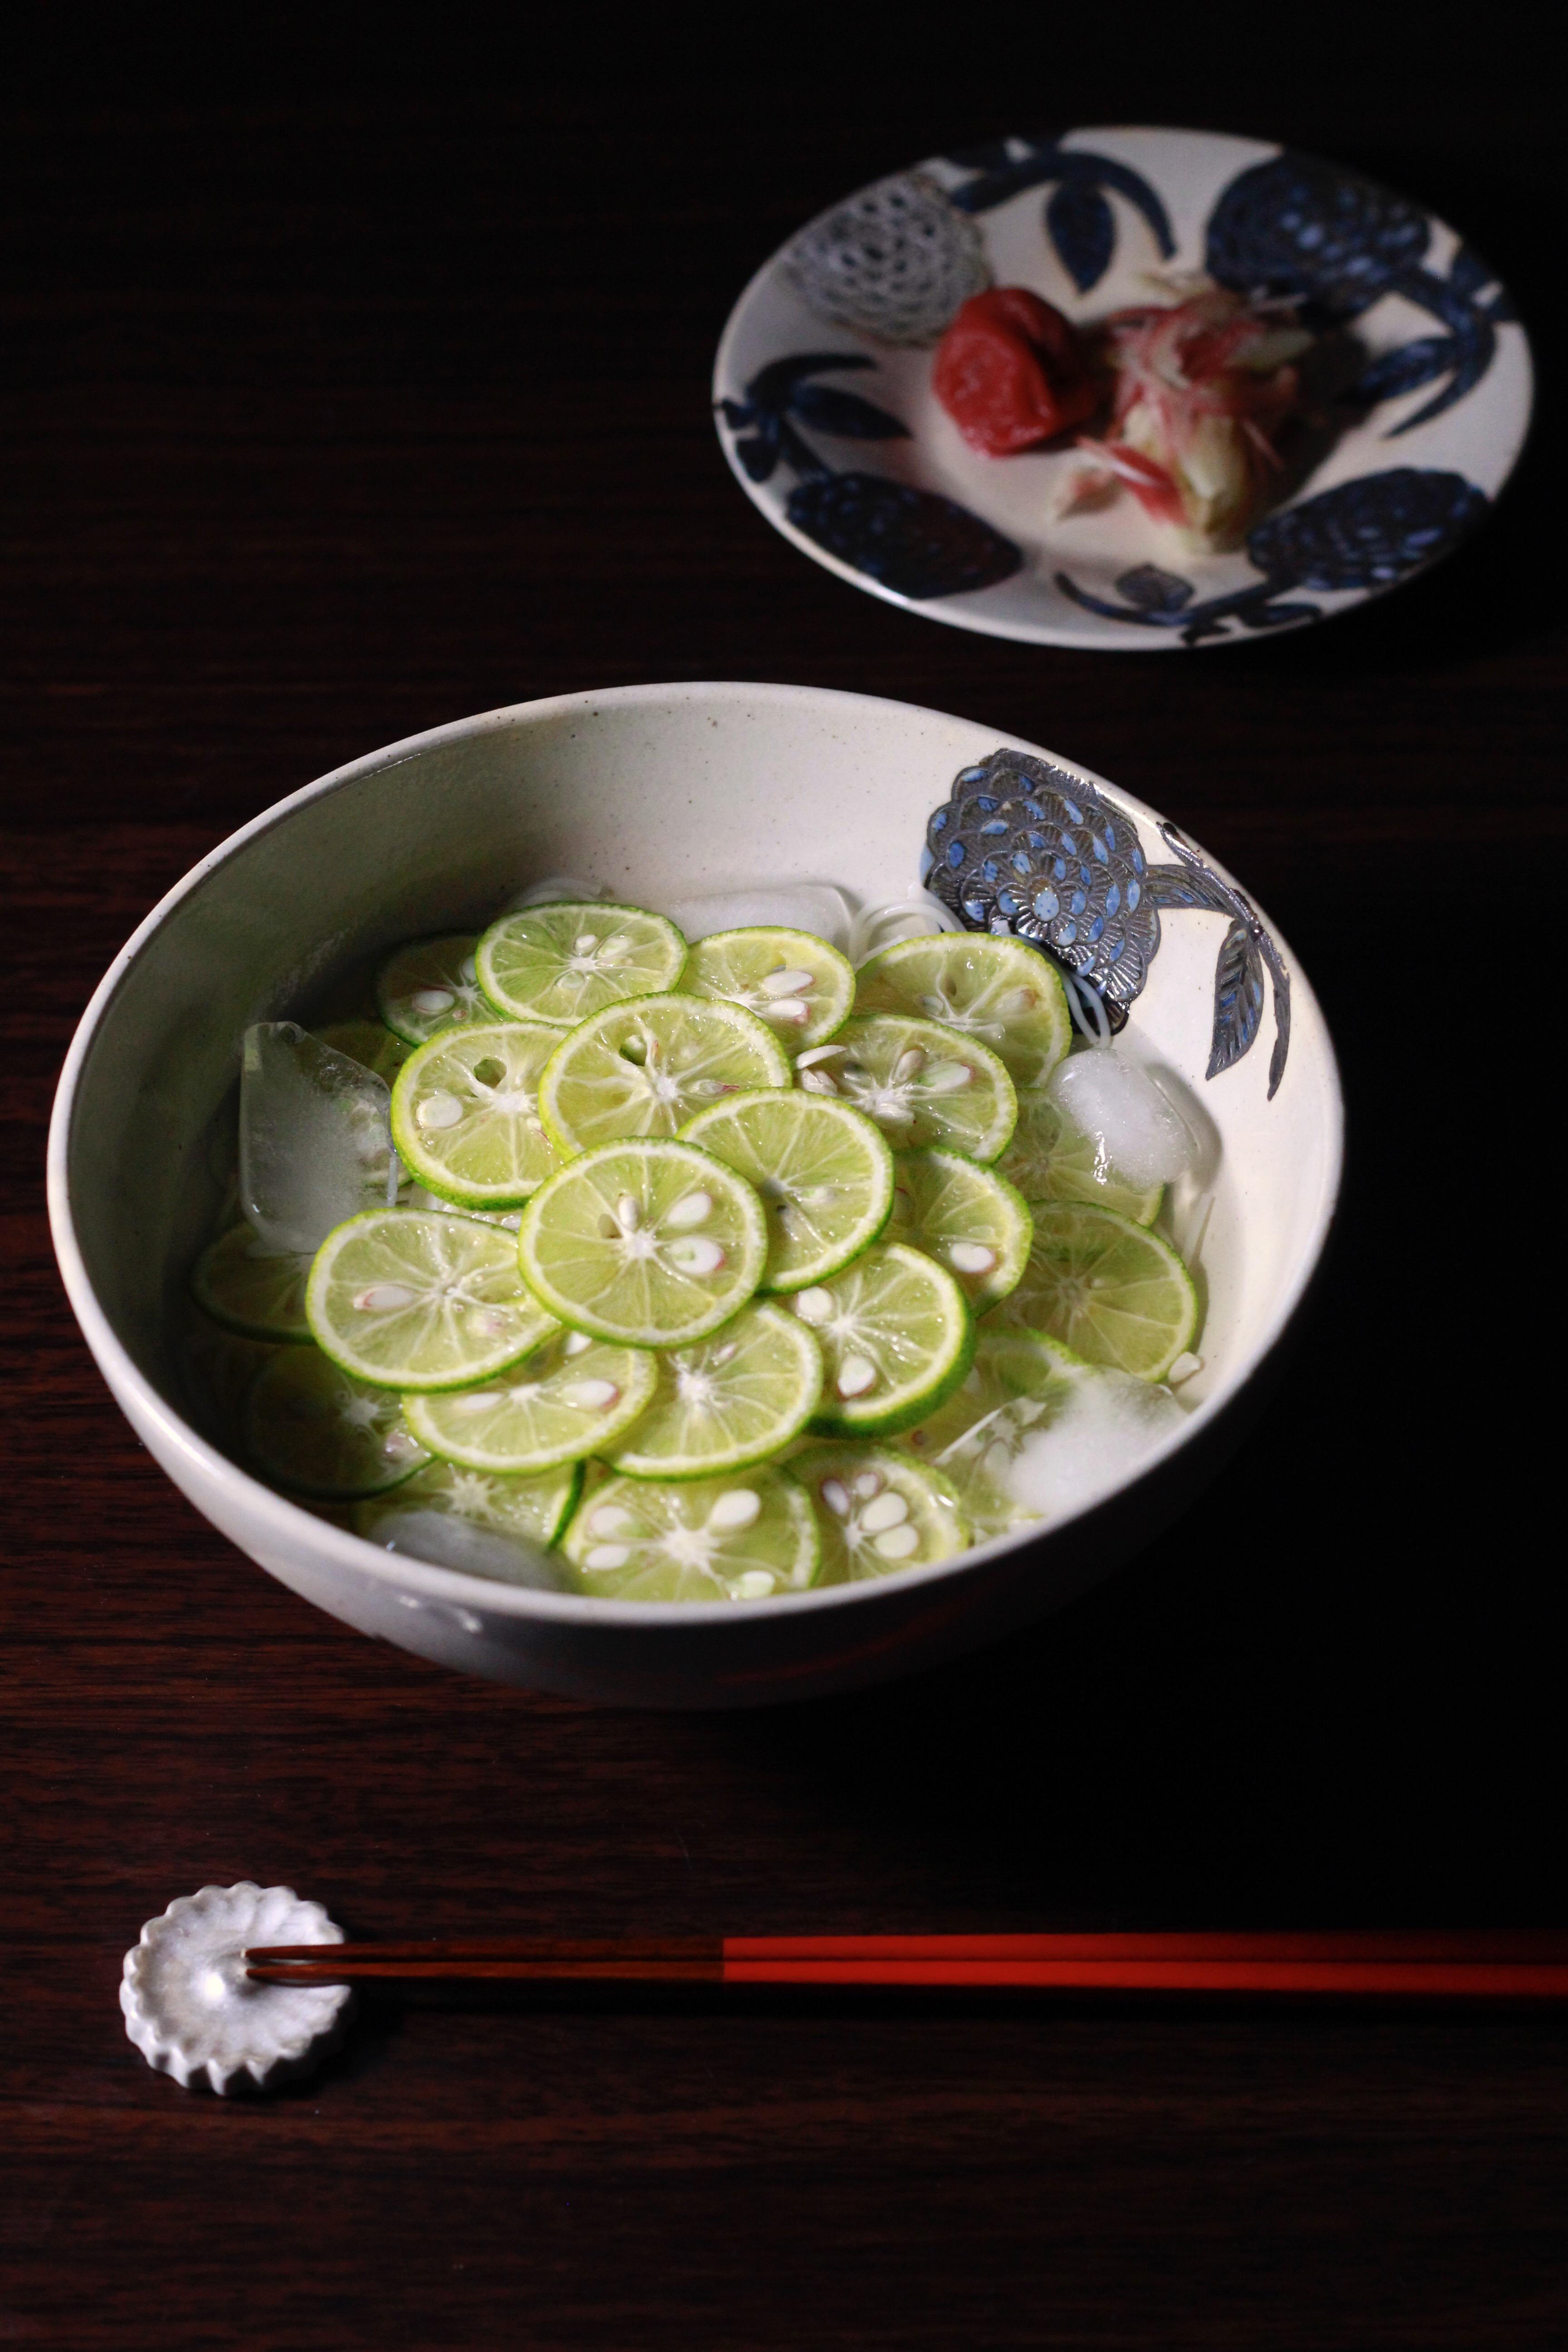 堀江陶器さんのブルーダリア器にすだち素麺